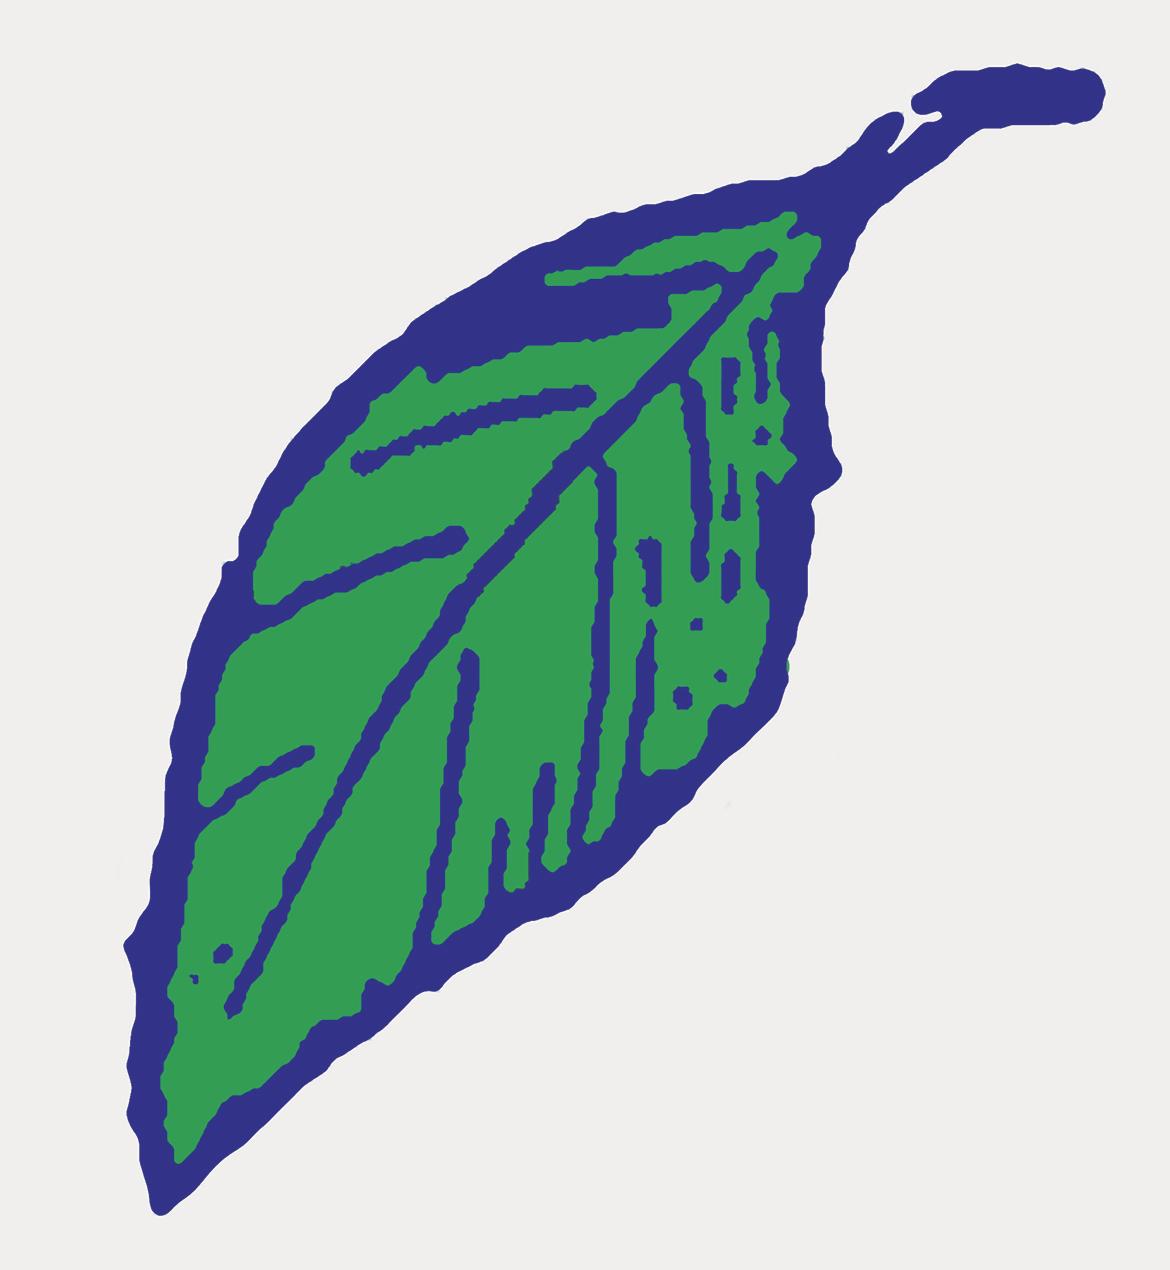 לוגו דראגסטור